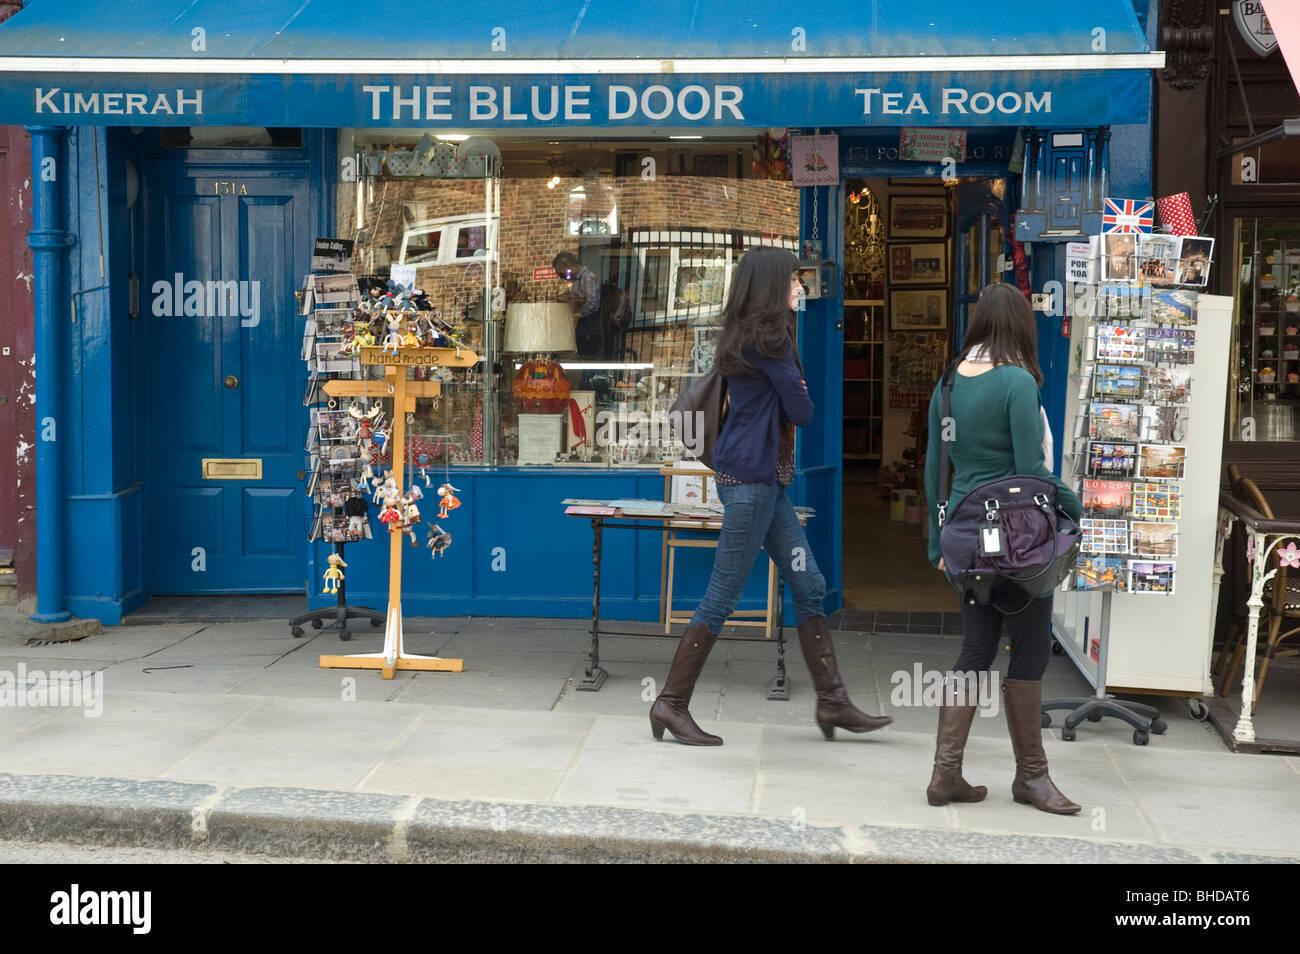 La porta blu - Un negozio e sala da tè con passaggio di acquirenti n Notting Hill Gate London REGNO UNITO Immagini Stock